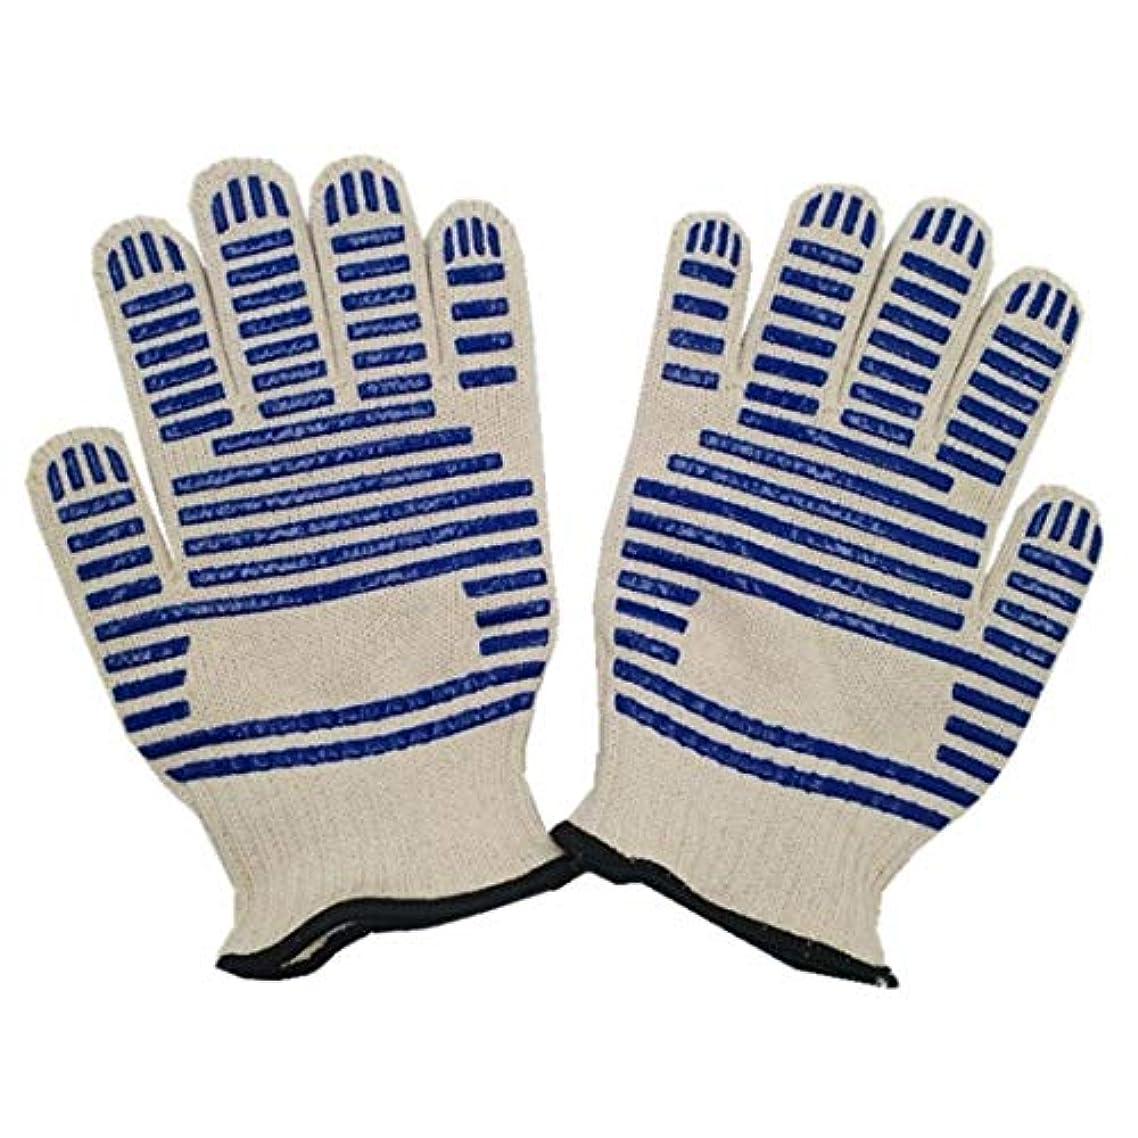 適応煙突本能OWNFSKNL 高温耐熱手袋、屋外キャンプ用手袋、ポリエステル/綿手袋